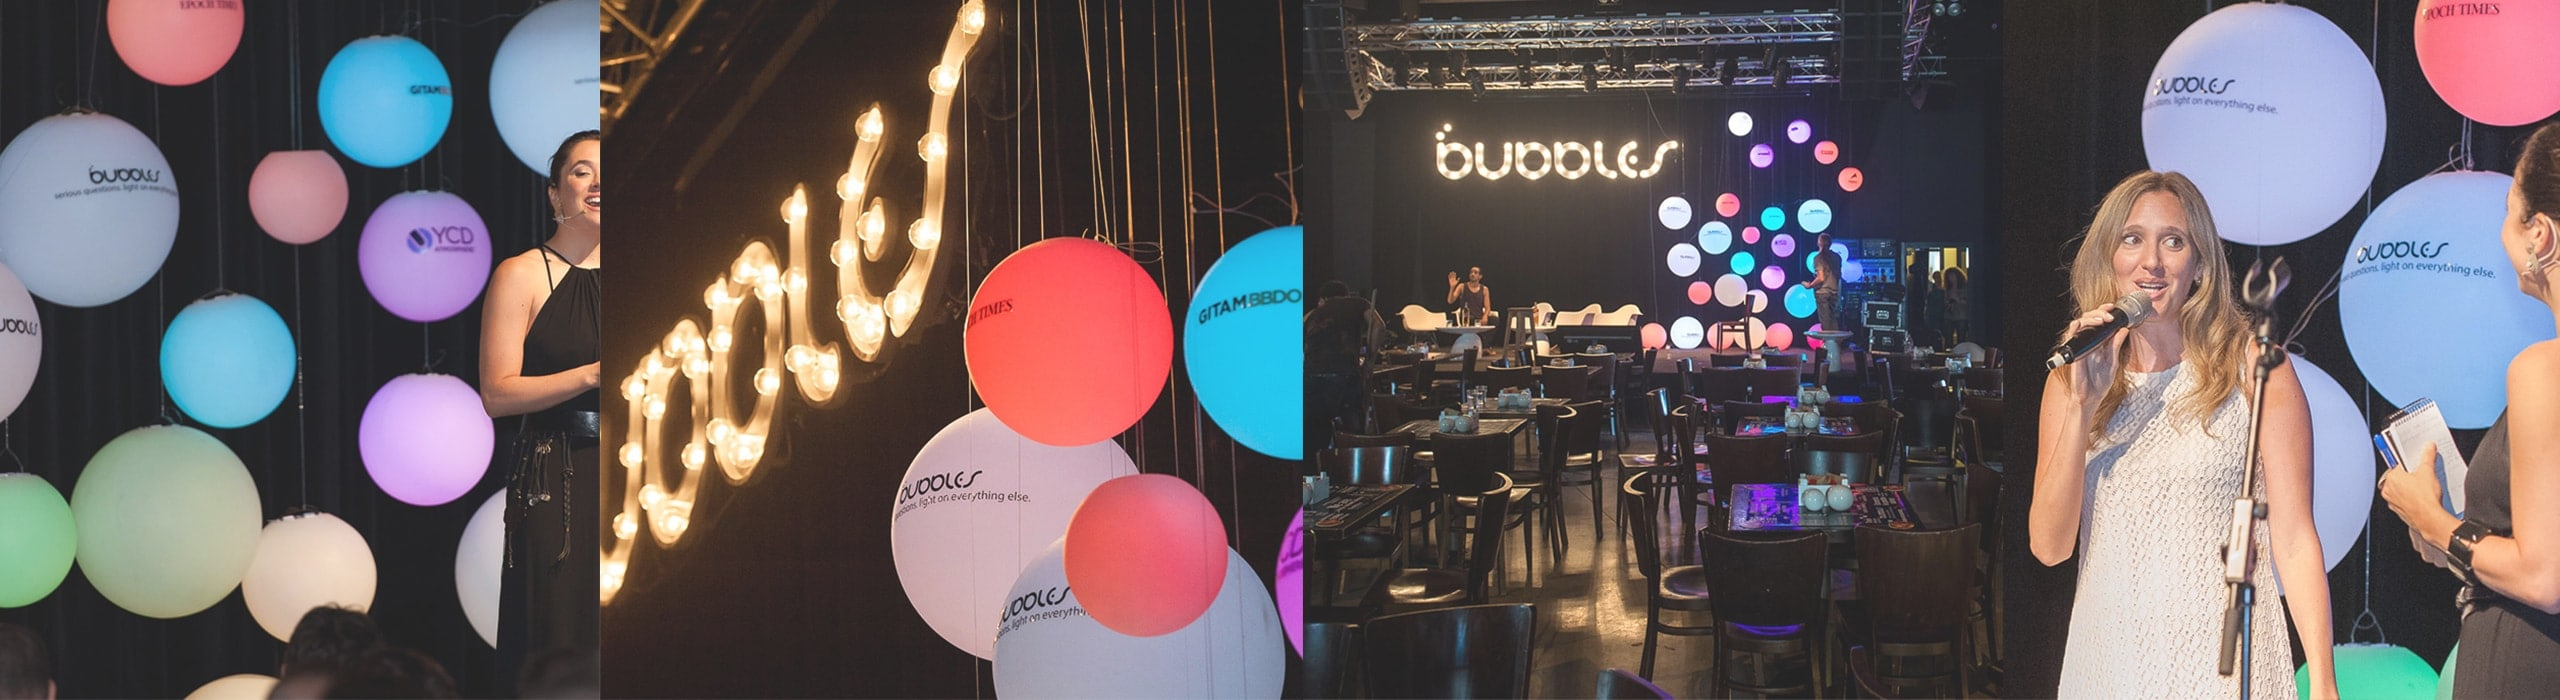 Bubbles - natie-bubbles-conference-photos-01 - Natie Branding Agency